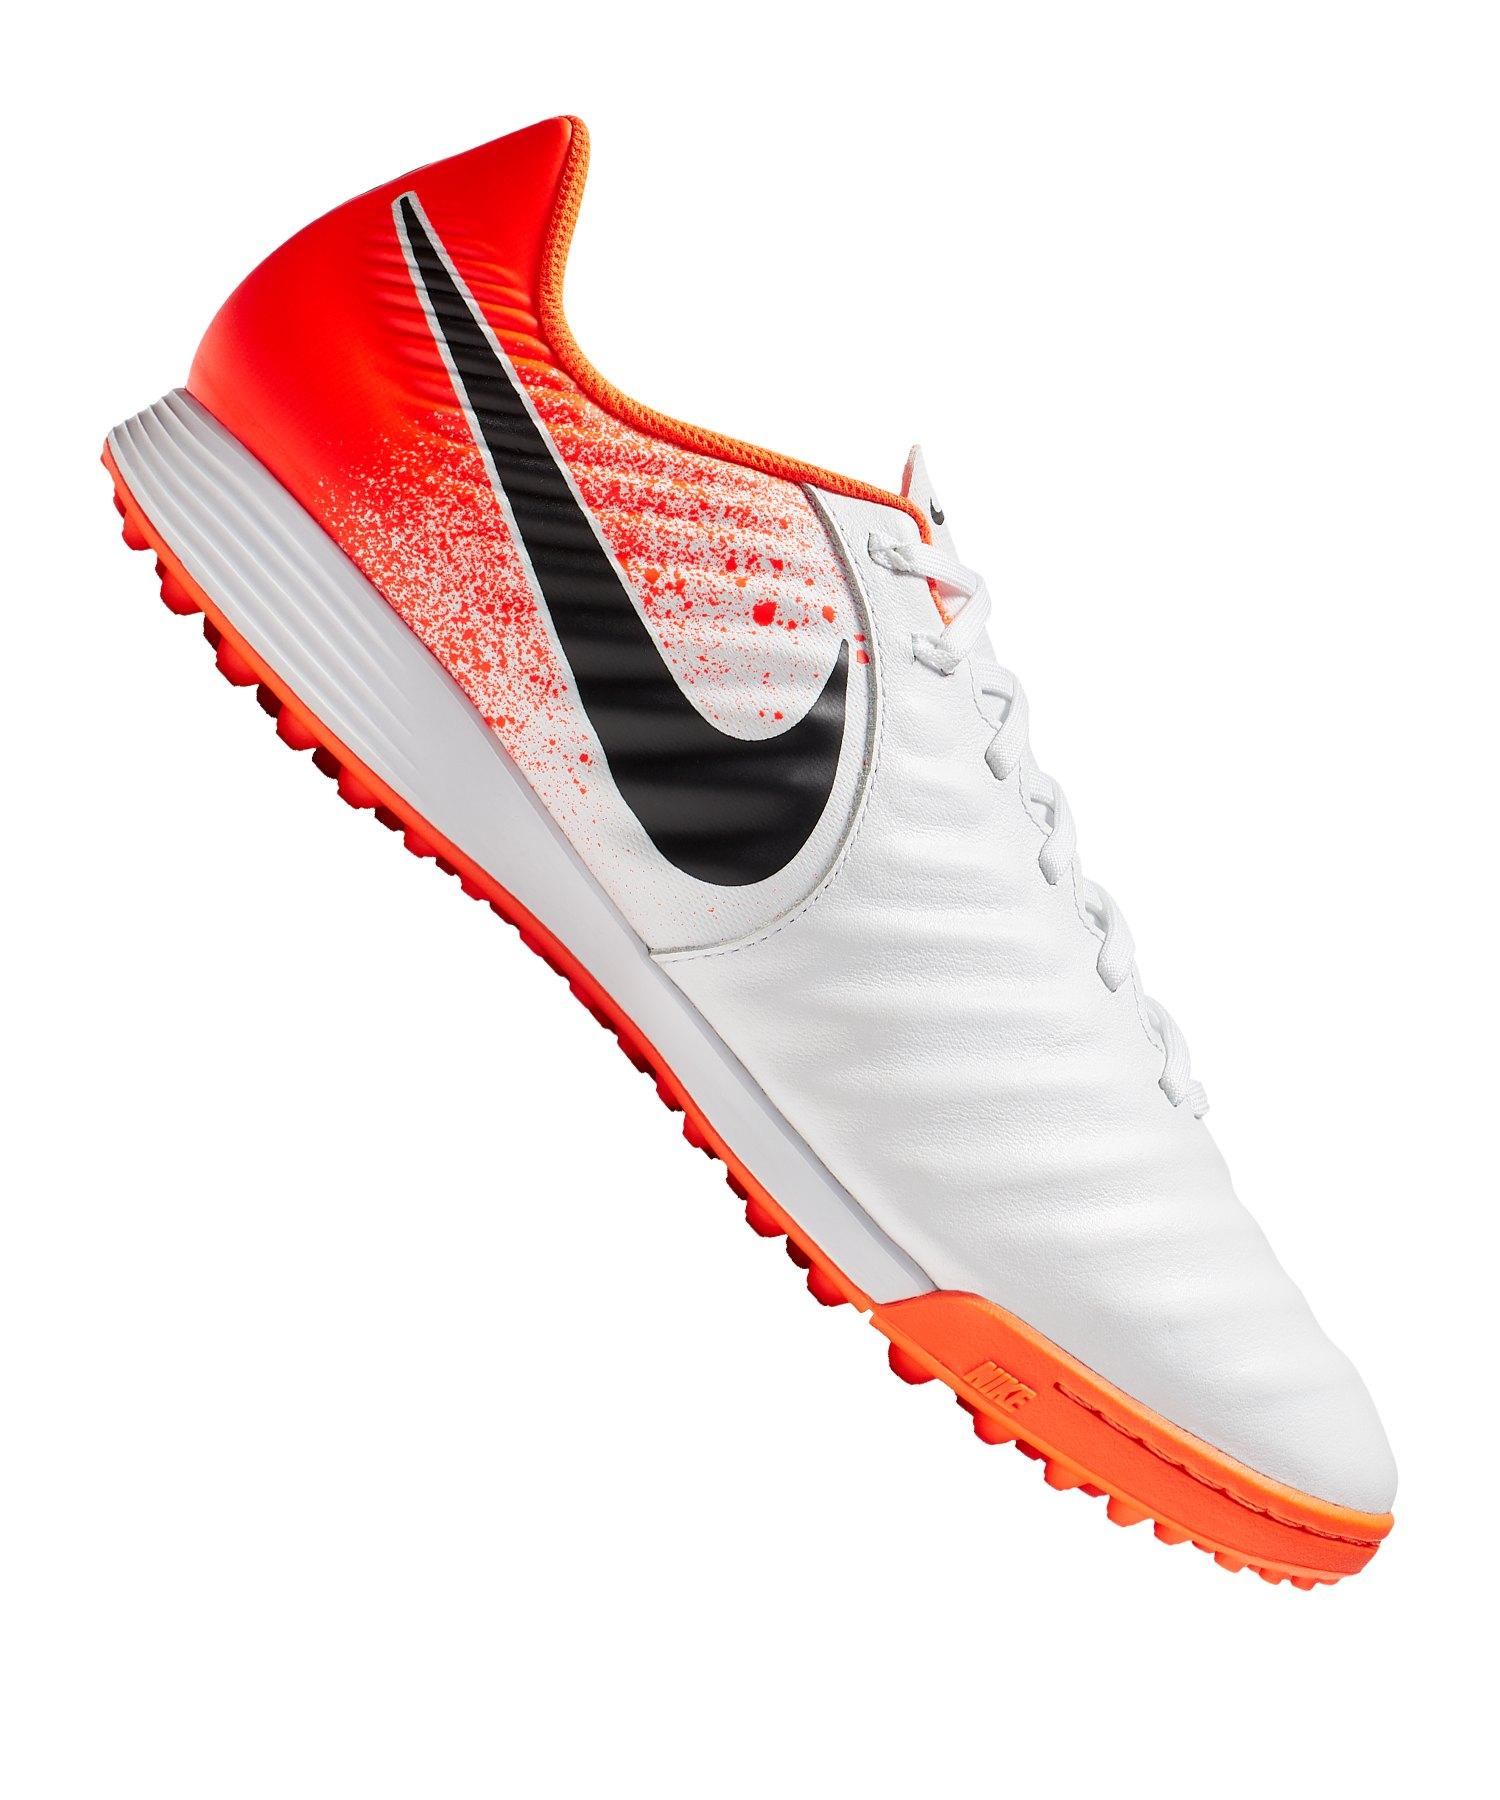 Tiempo Weiss Legendx Tf Nike F118 Vii Academy BrWdCxoe